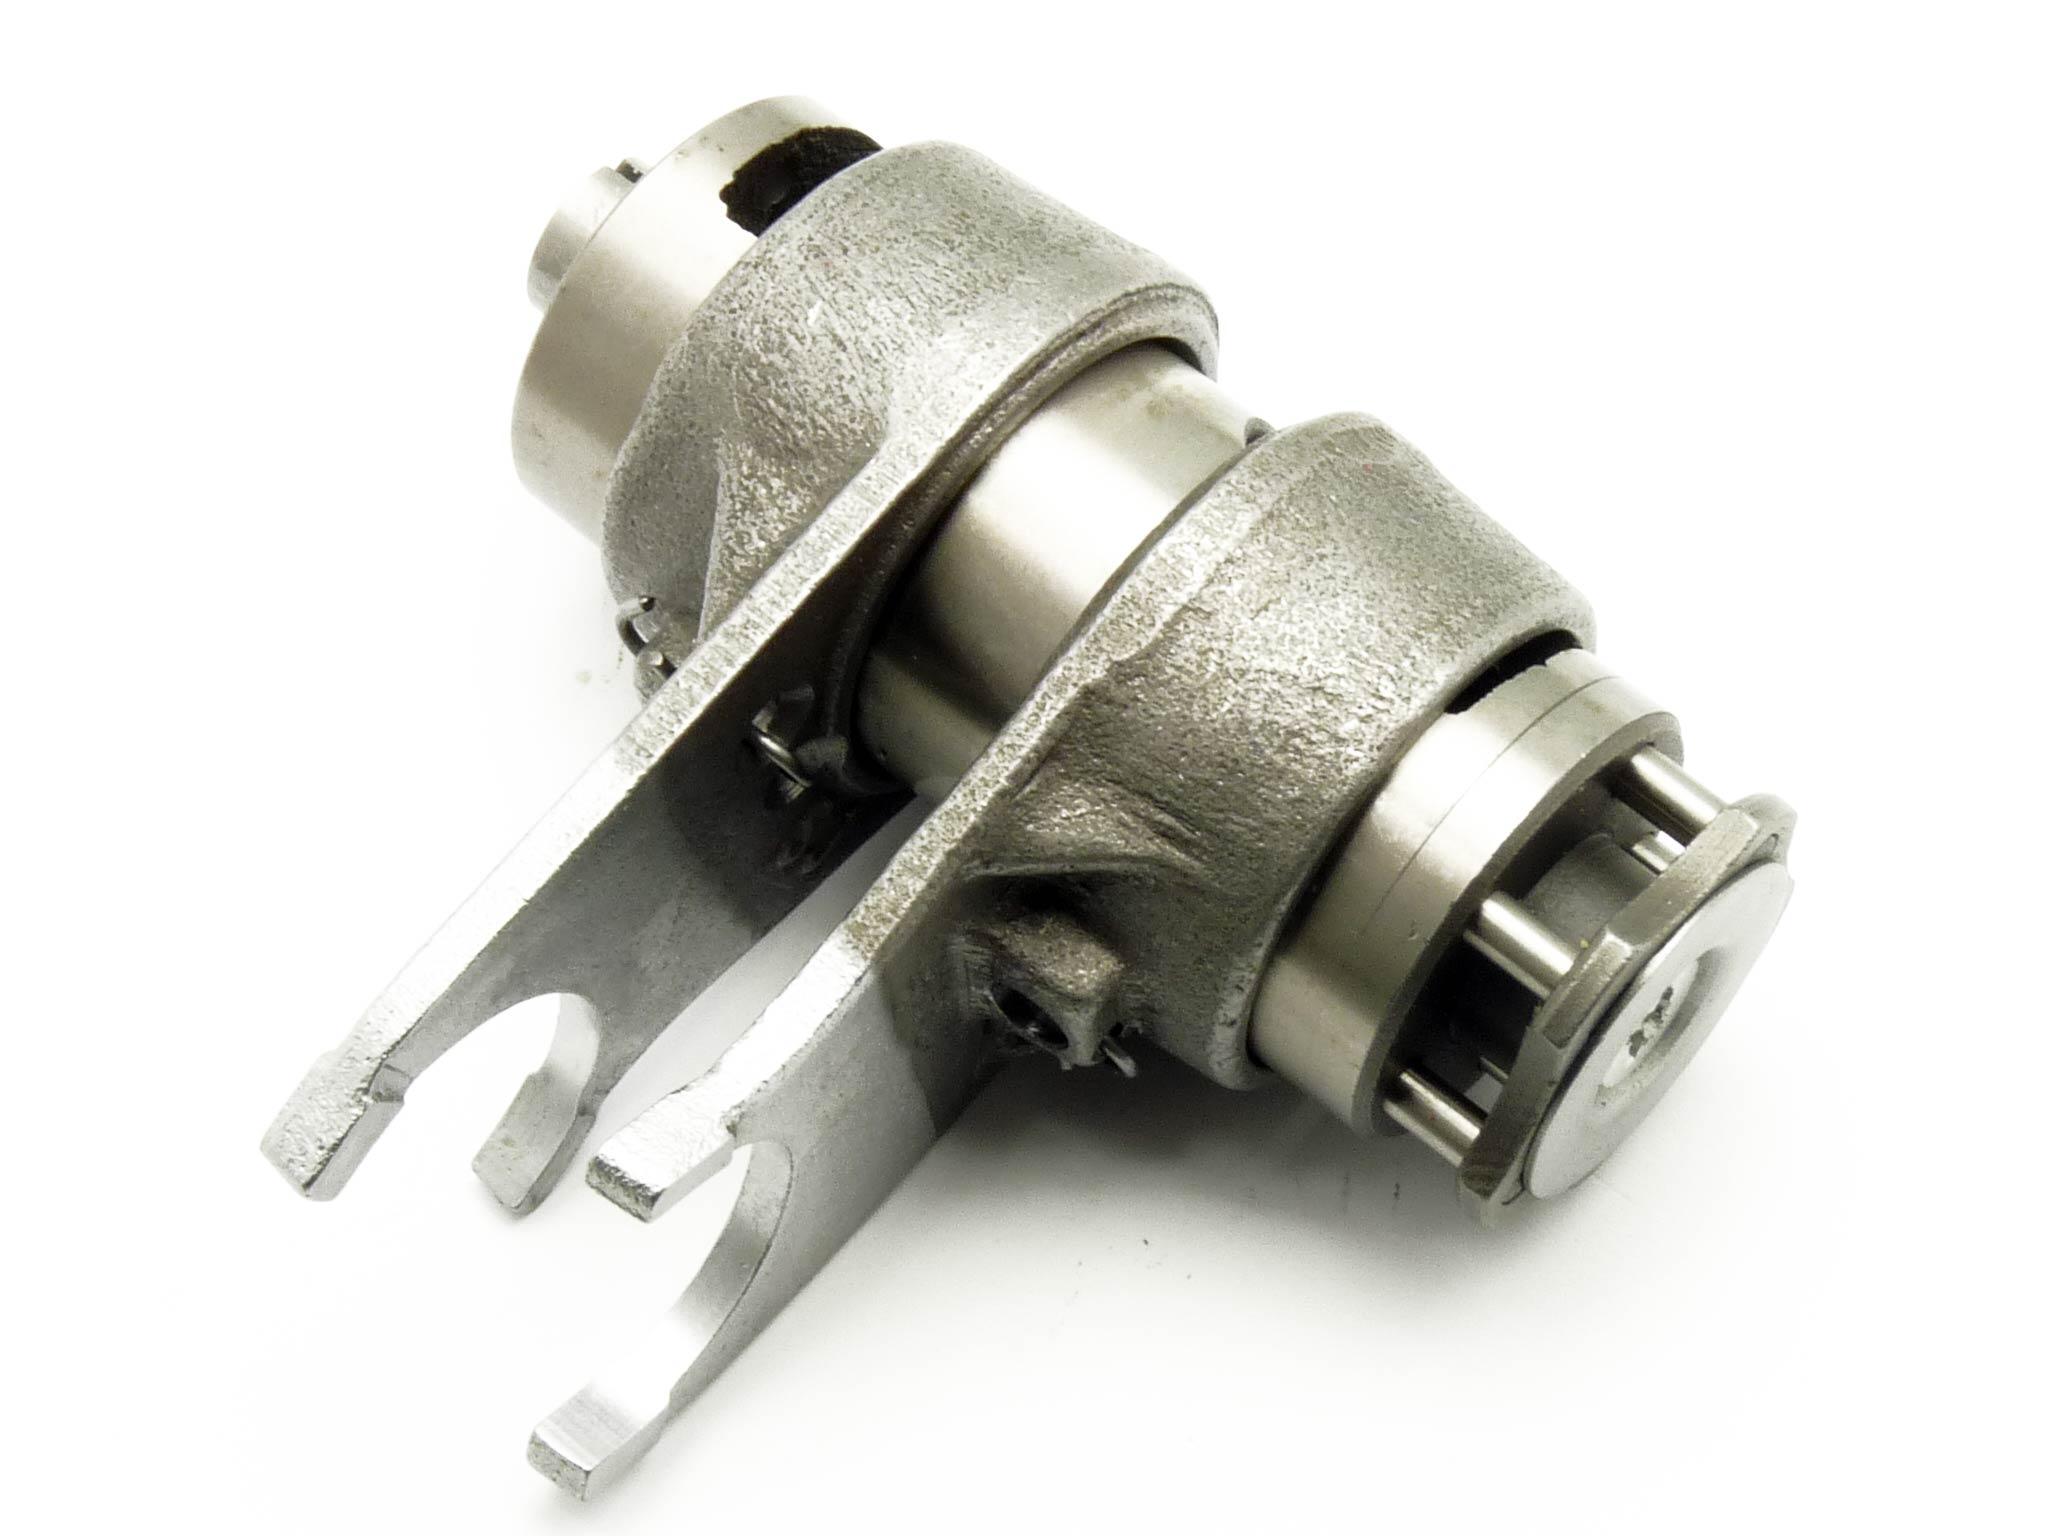 Řadící segment s vidličkami pro motor Zongshen ZS 155 ZS175 moto adamek